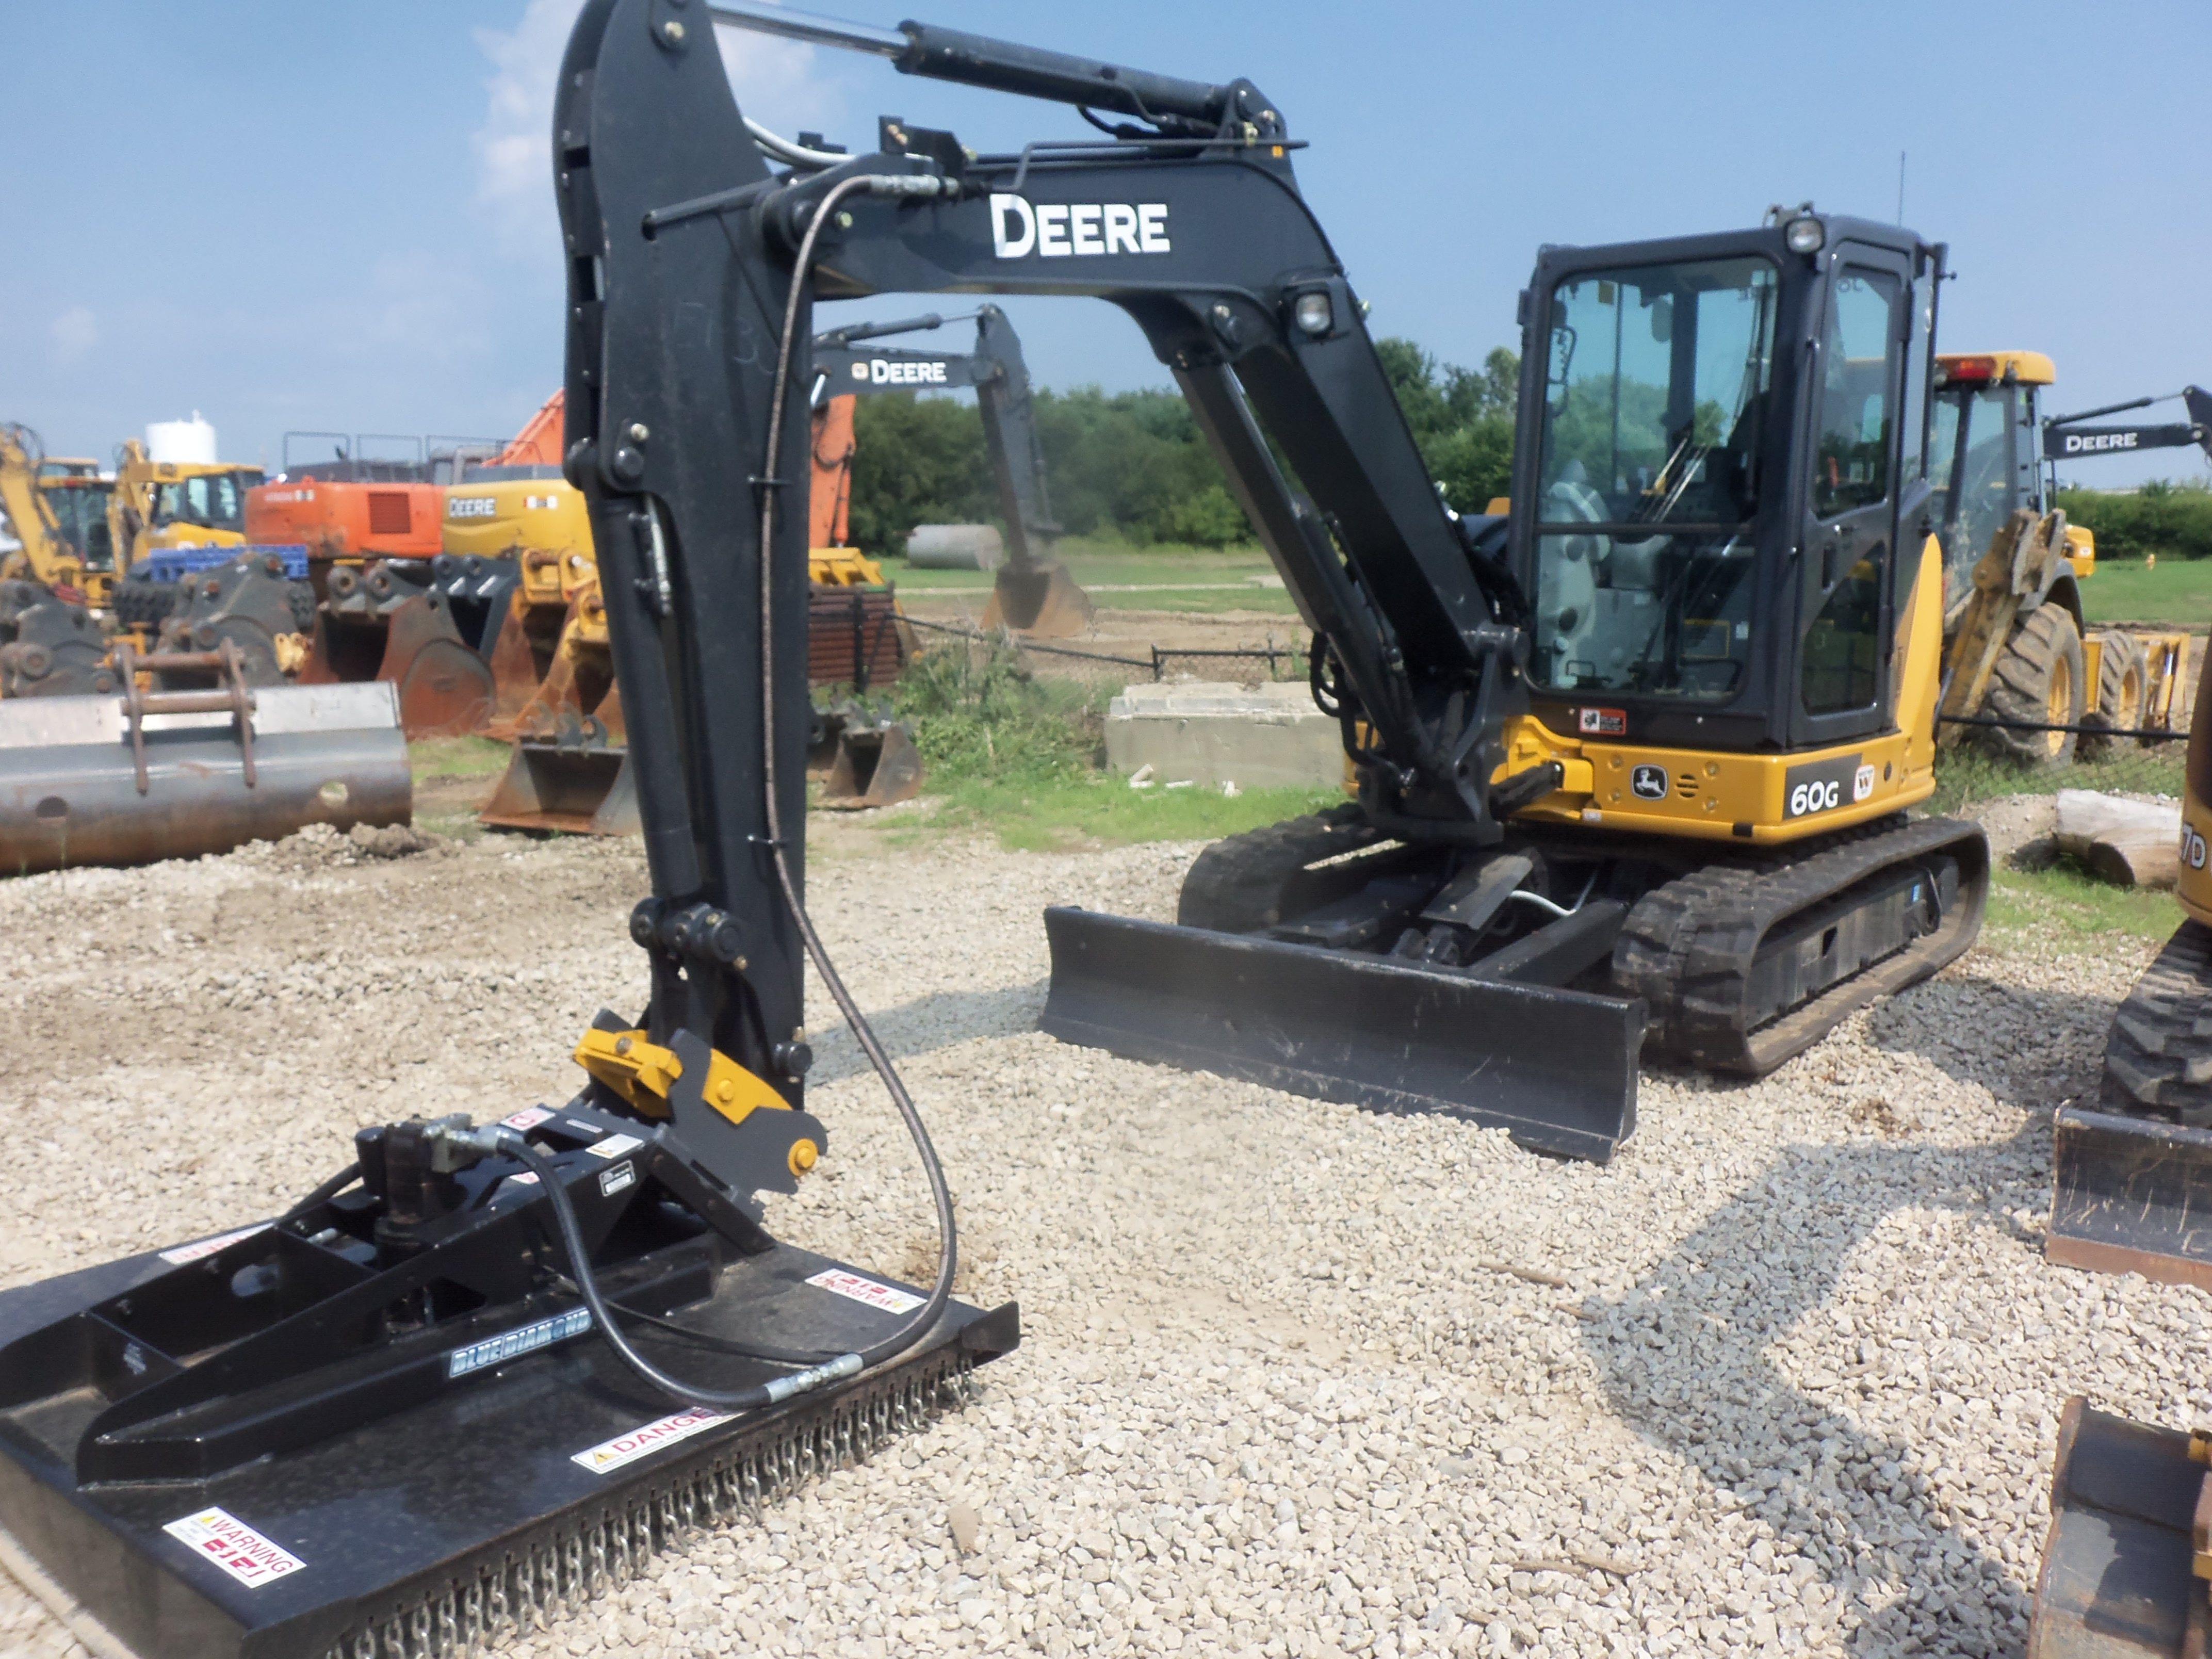 John Deere 60G | JD construction equipment | Pinterest | John deere